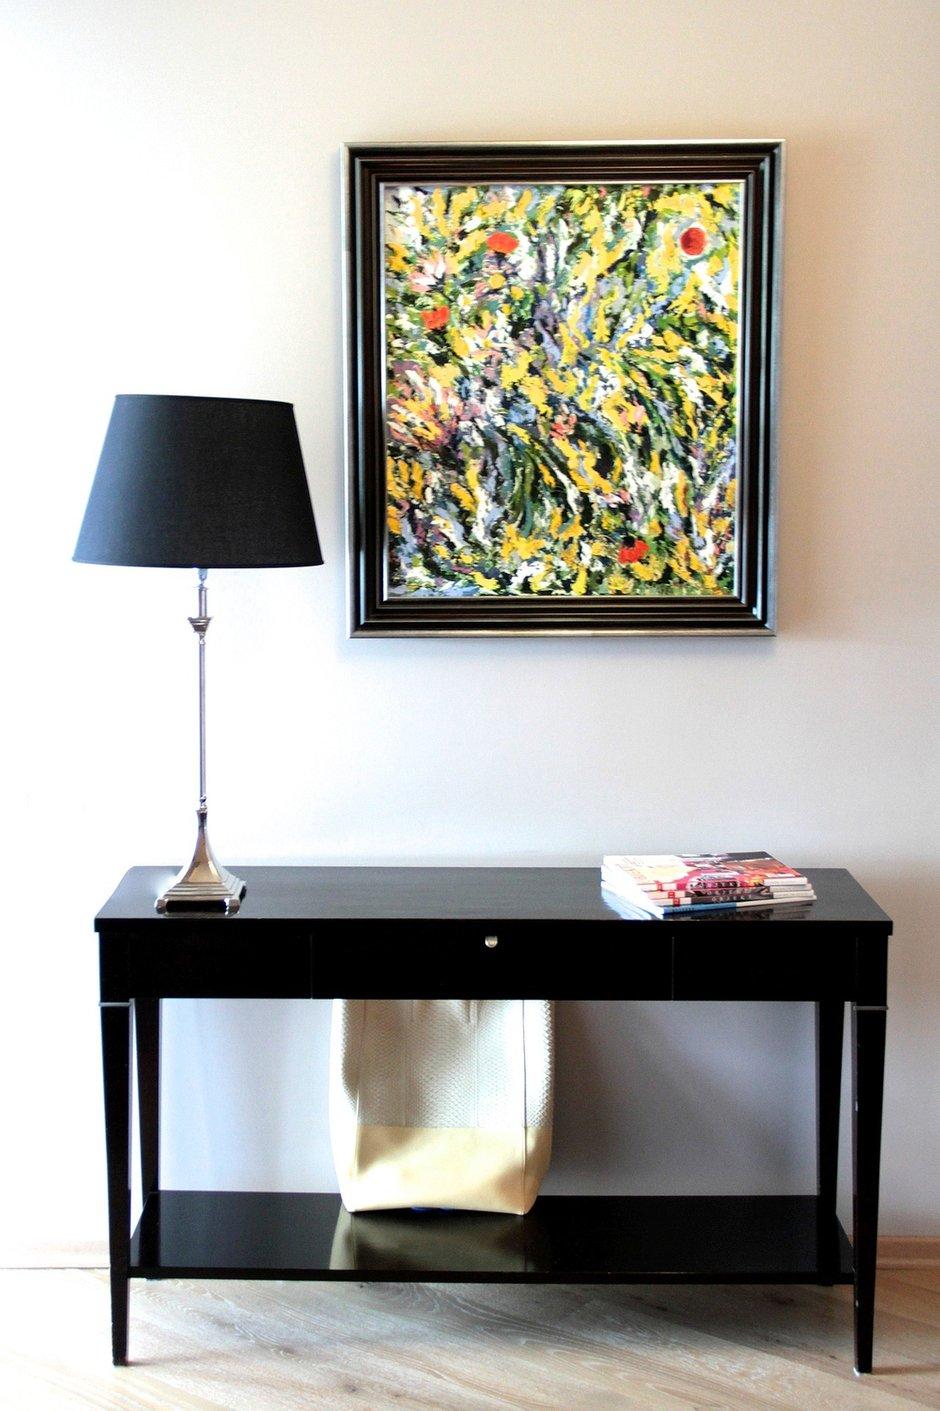 Фотография: Мебель и свет в стиле Современный, Восточный, Декор интерьера, Декор дома, Картины, Современное искусство – фото на INMYROOM